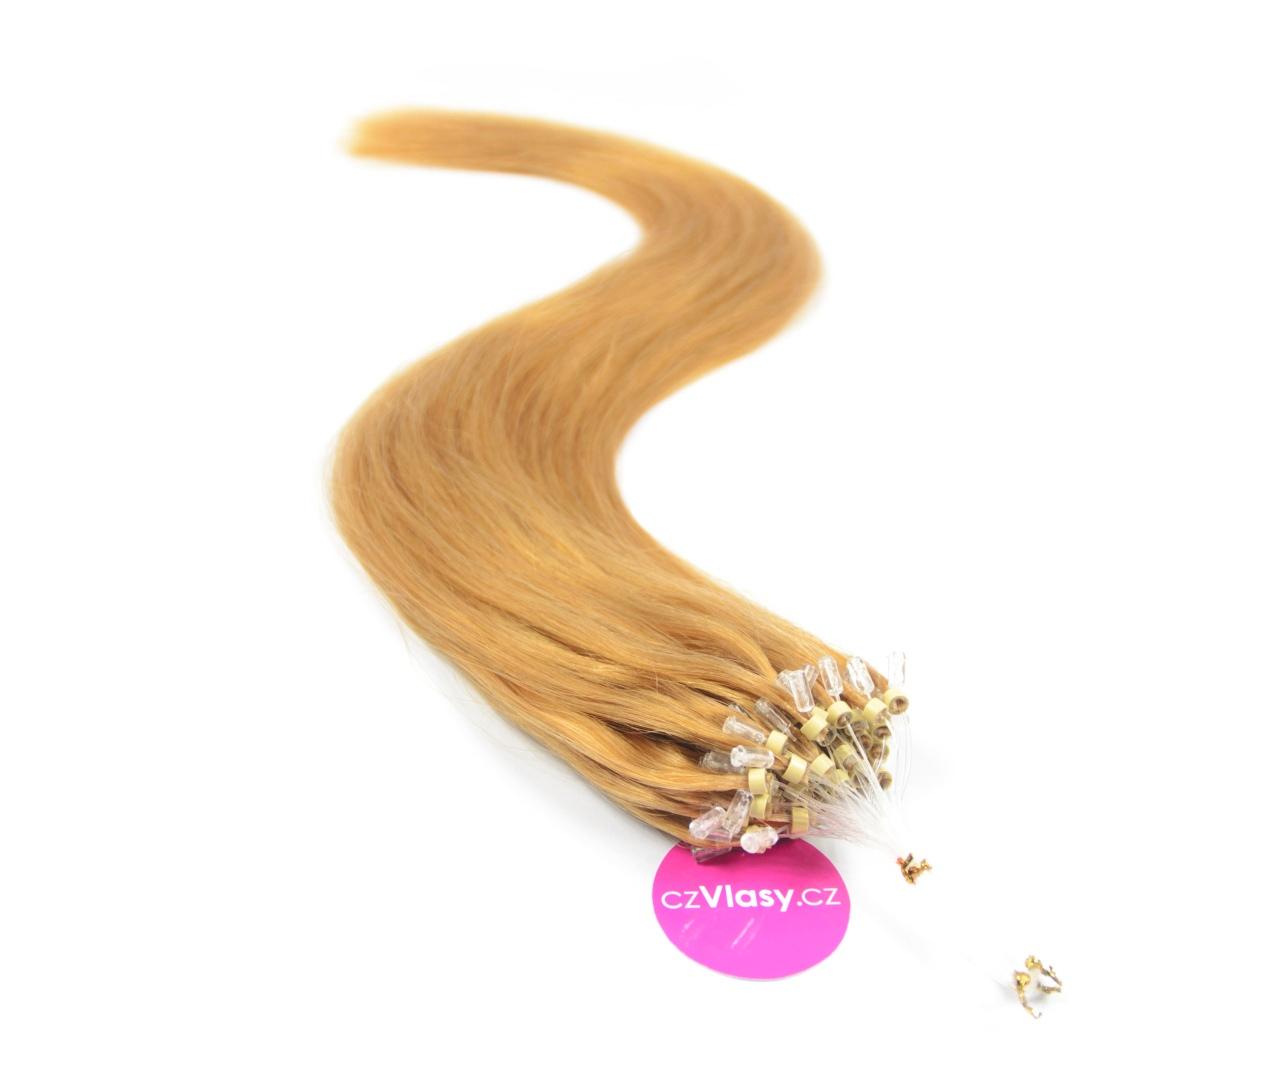 Indické vlasy na metodu micro-ring odstín 27 Délka: 40 cm, Hmotnost: 1 g/pramínek, REMY